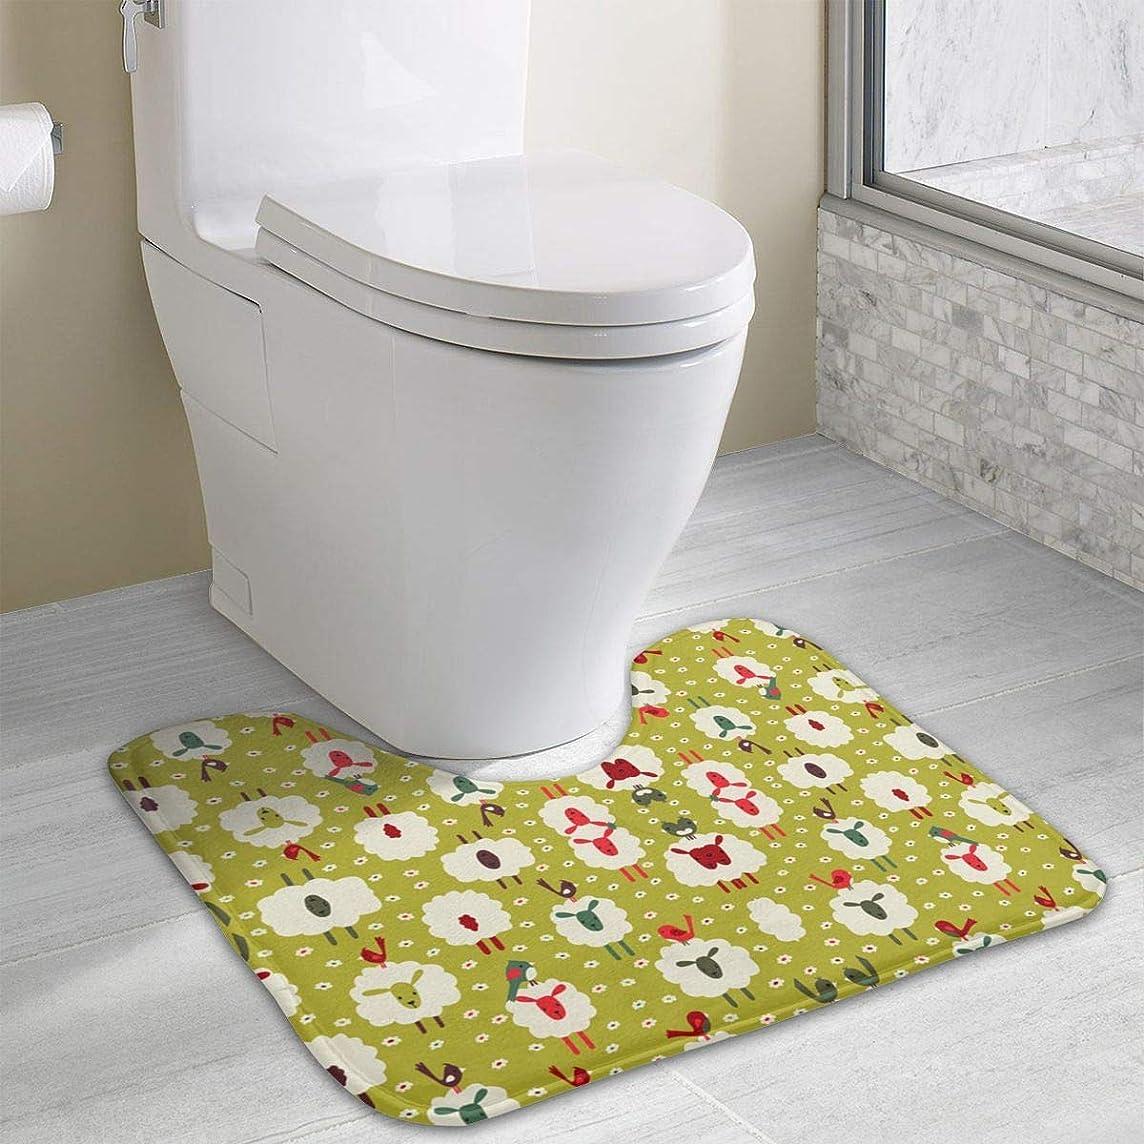 Beauregar Sheep and Birds Wallpaper Contour Bath Rugs,U-Shaped Bath Mats,Soft Polyester Bathroom Carpet,Nonslip Toilet Floor Mat 19.2